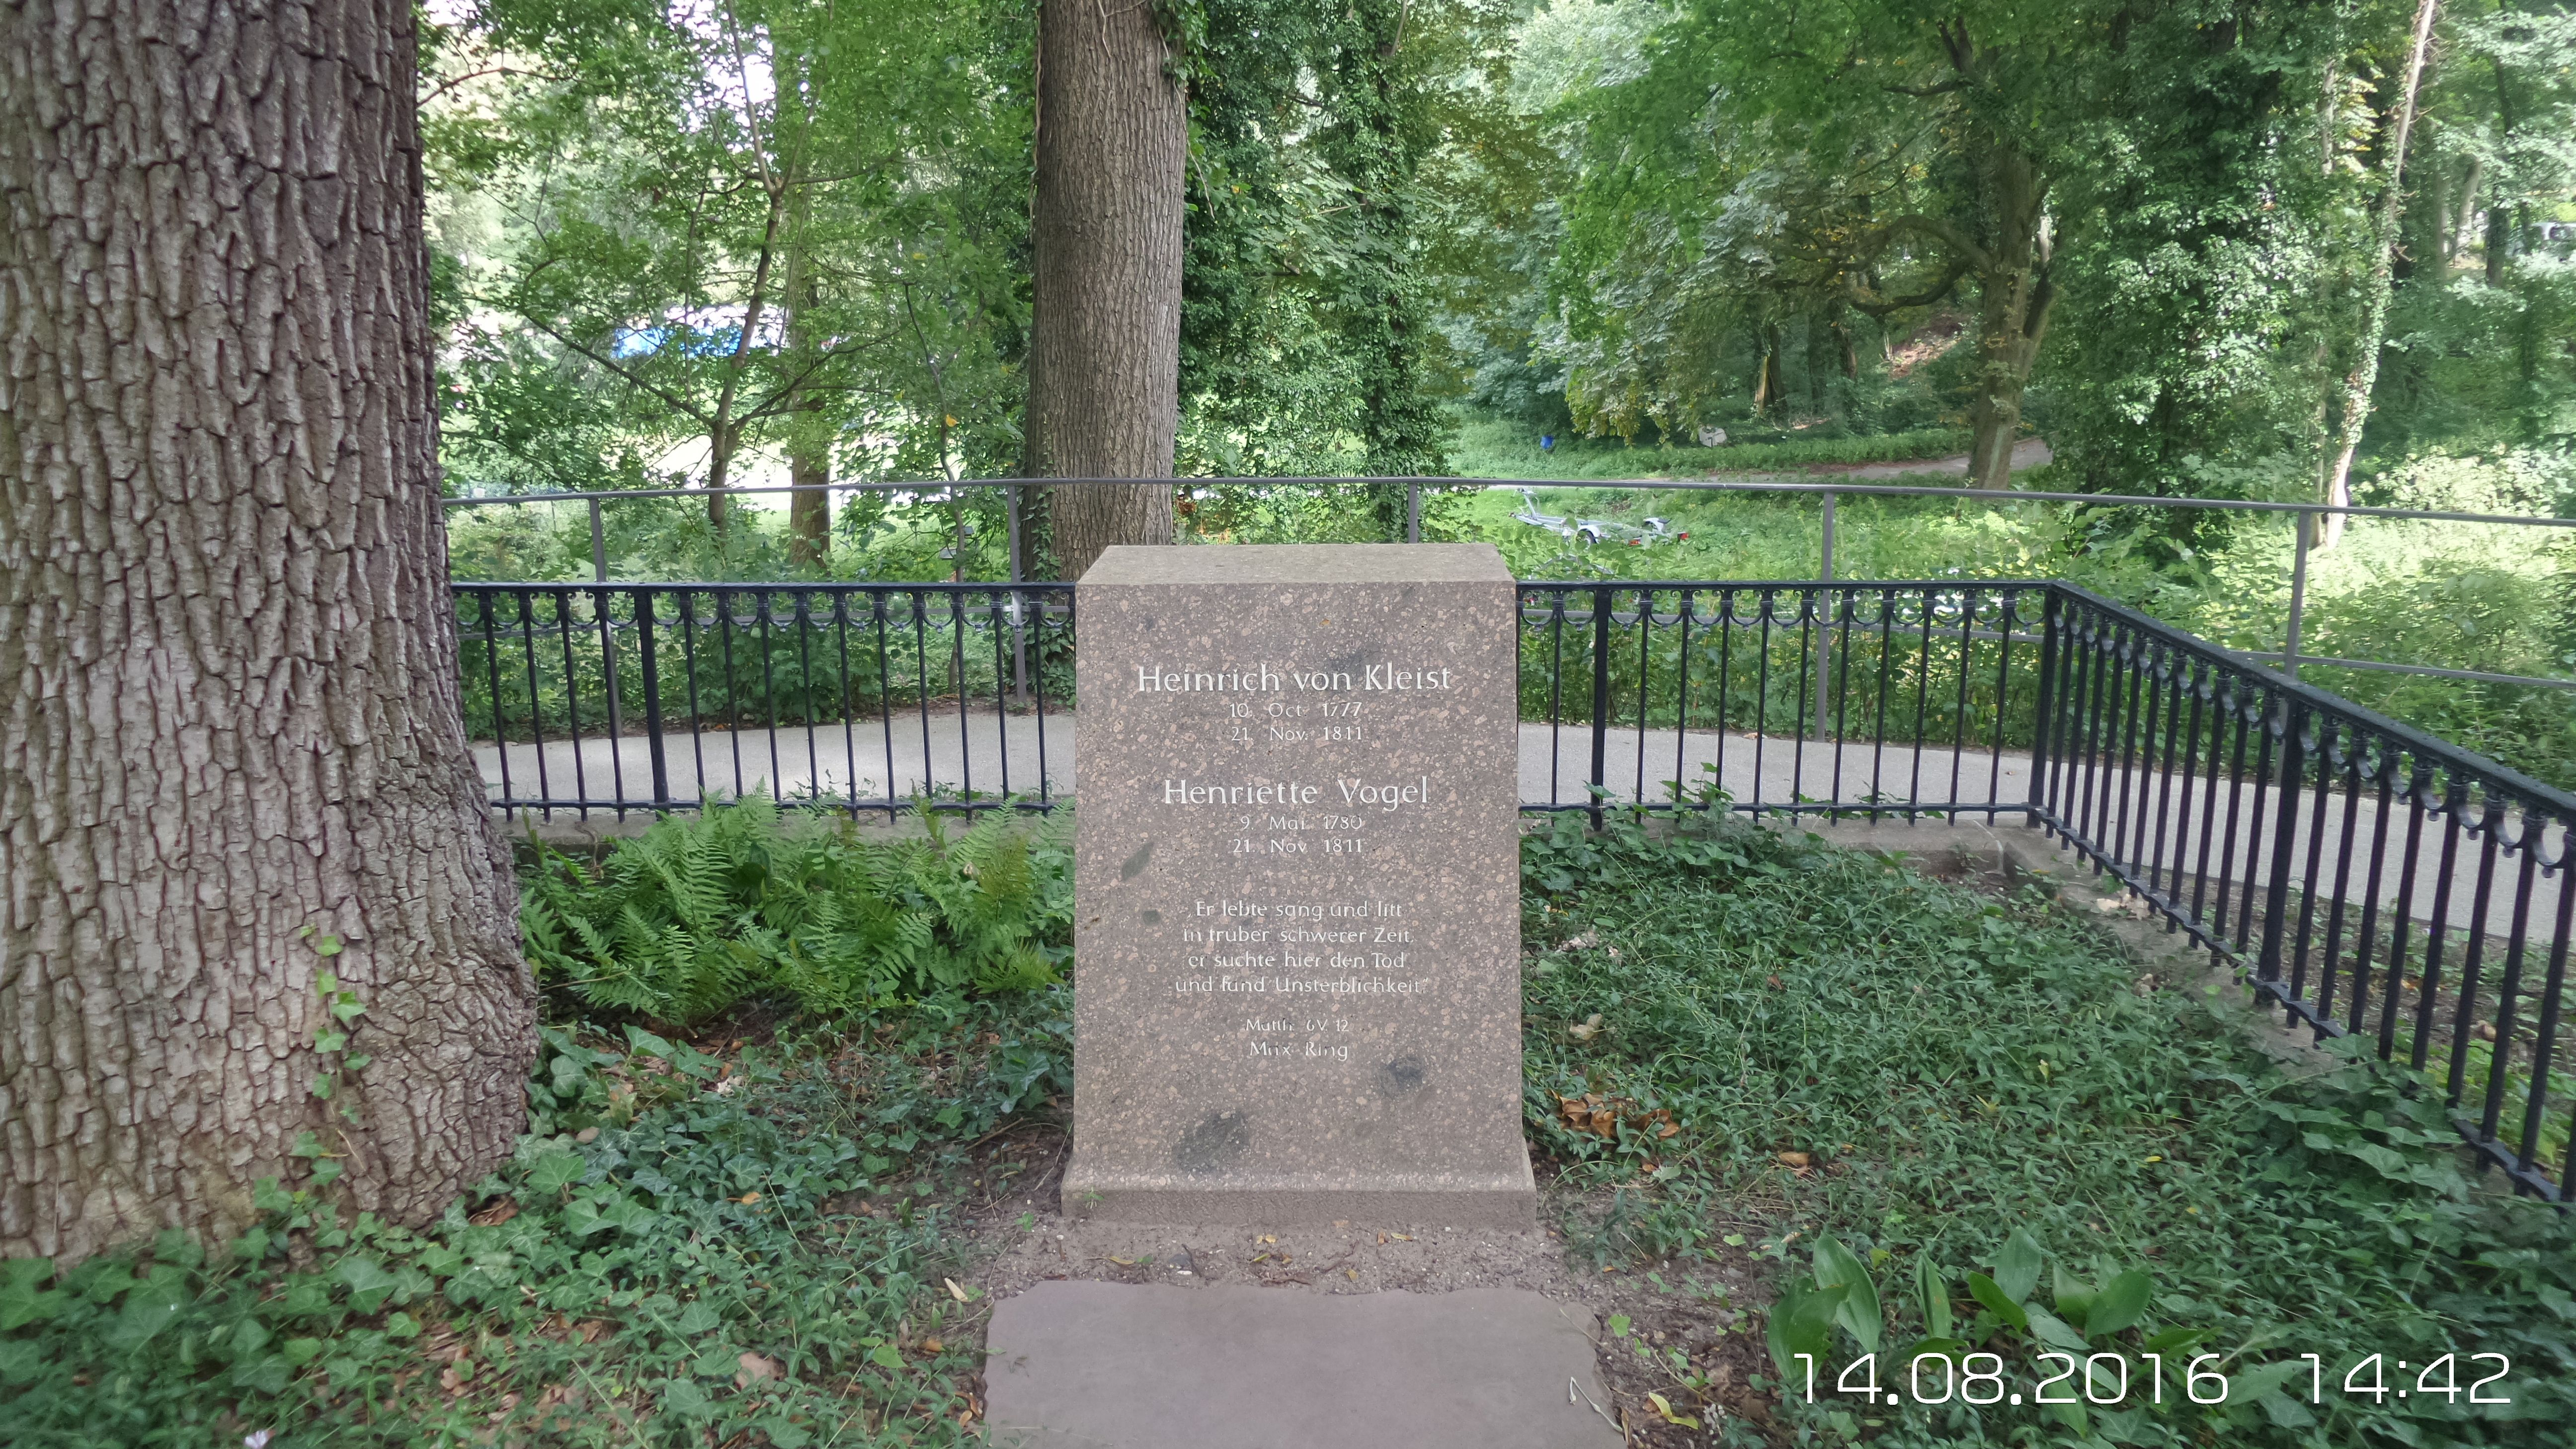 Kleistgrab am Kleinen Wannsee Zwischen der Bismarckstraße und dem Kleinen Wannsee im Südwesten Berlins liegt das Grab von Heinrich von Kleist und Henriette Vogel. Kleist und seine Freundin beendeten an dieser Stelle im November 1811 ihr Leben.